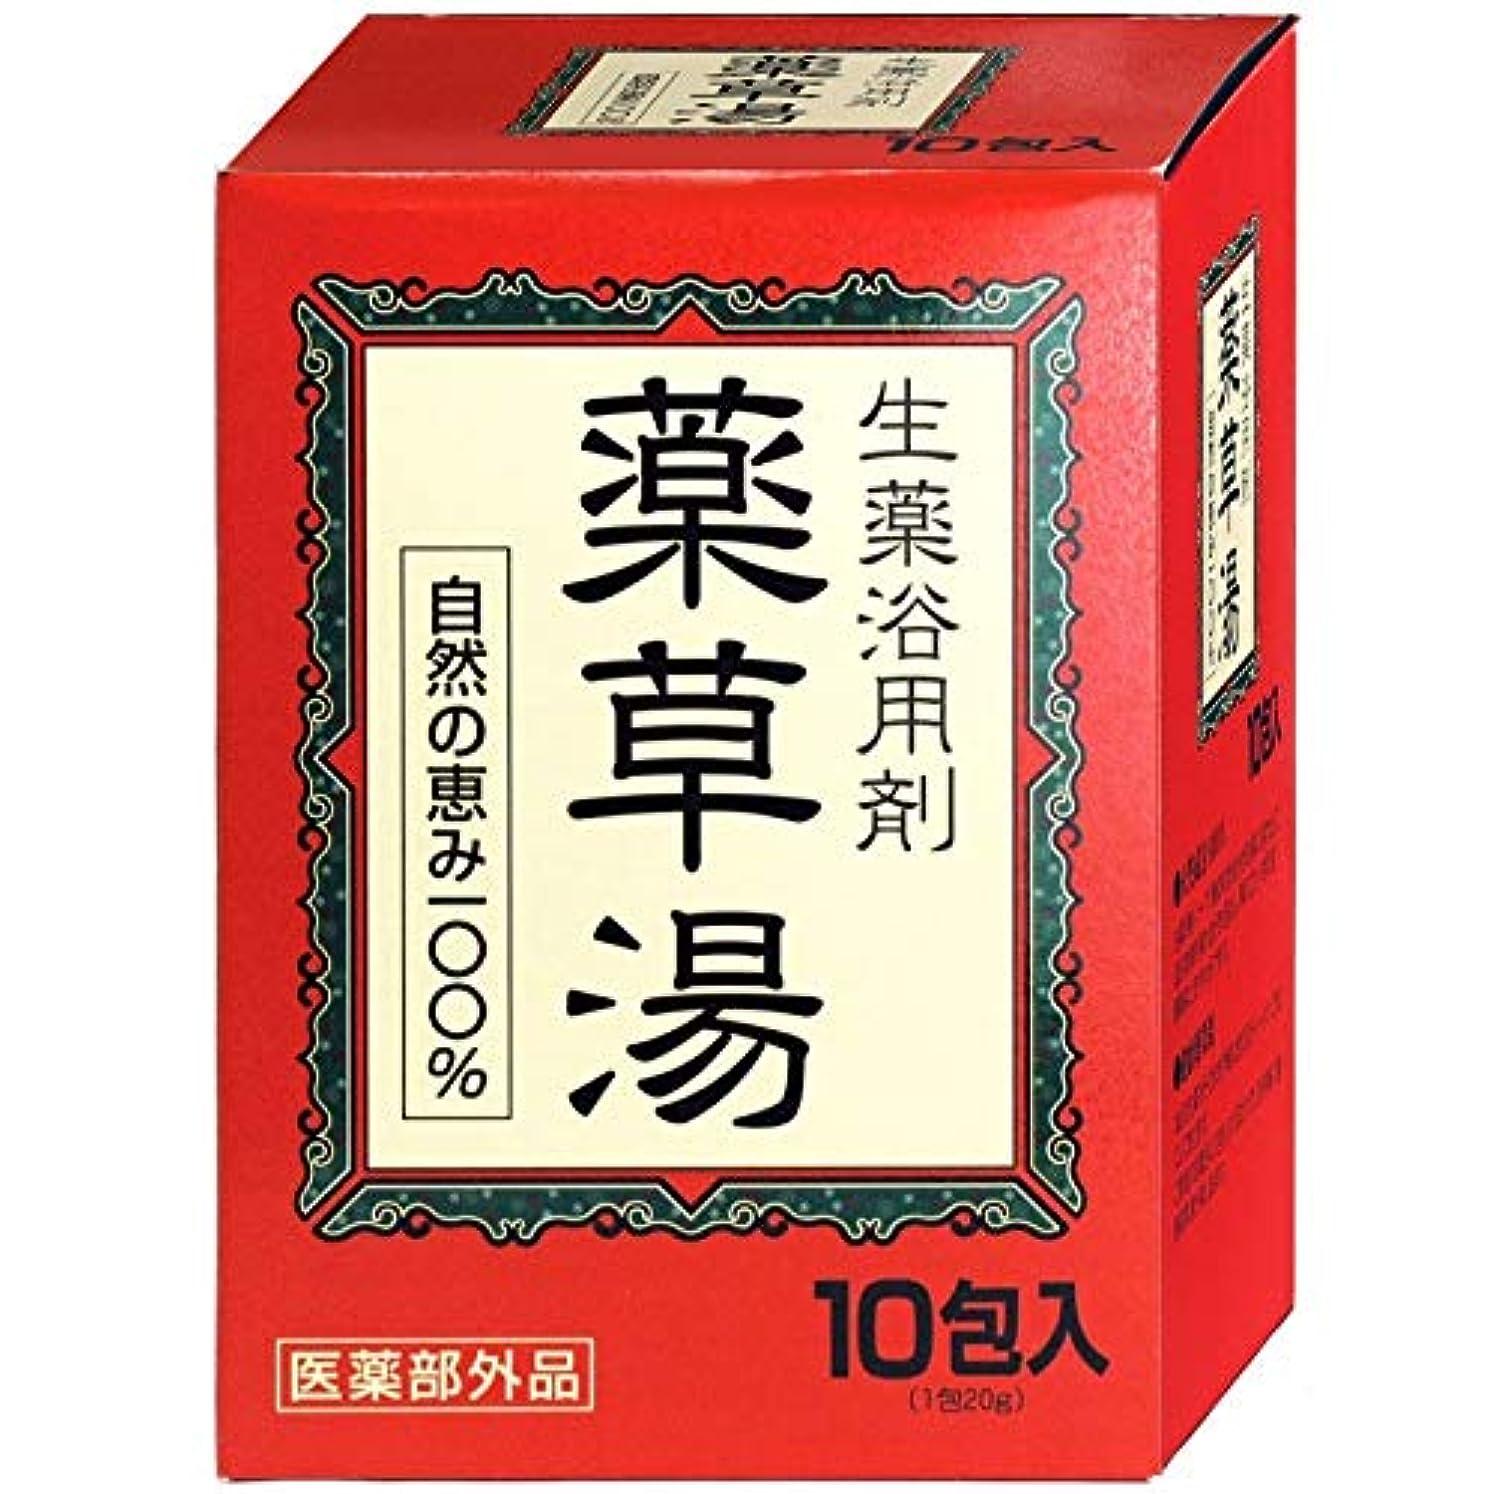 ラグ銀対話VVN生薬入浴剤薬草湯10包×(10セット)